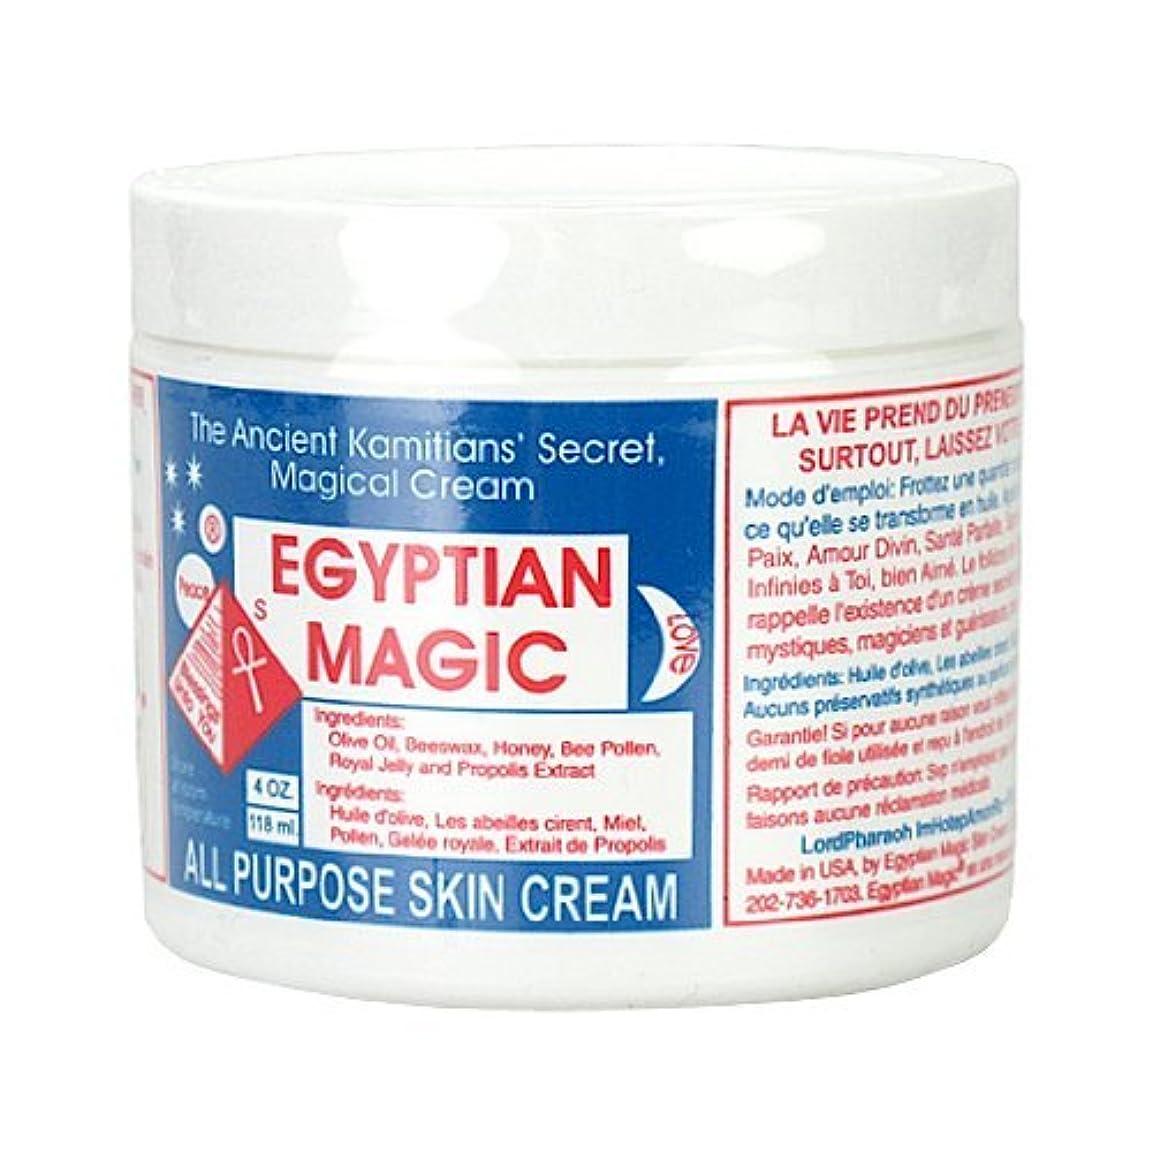 変装占める悩みエジプシャンマジック EGYPTIAN MAGIC エジプシャン マジック クリーム 118ml 保湿クリーム